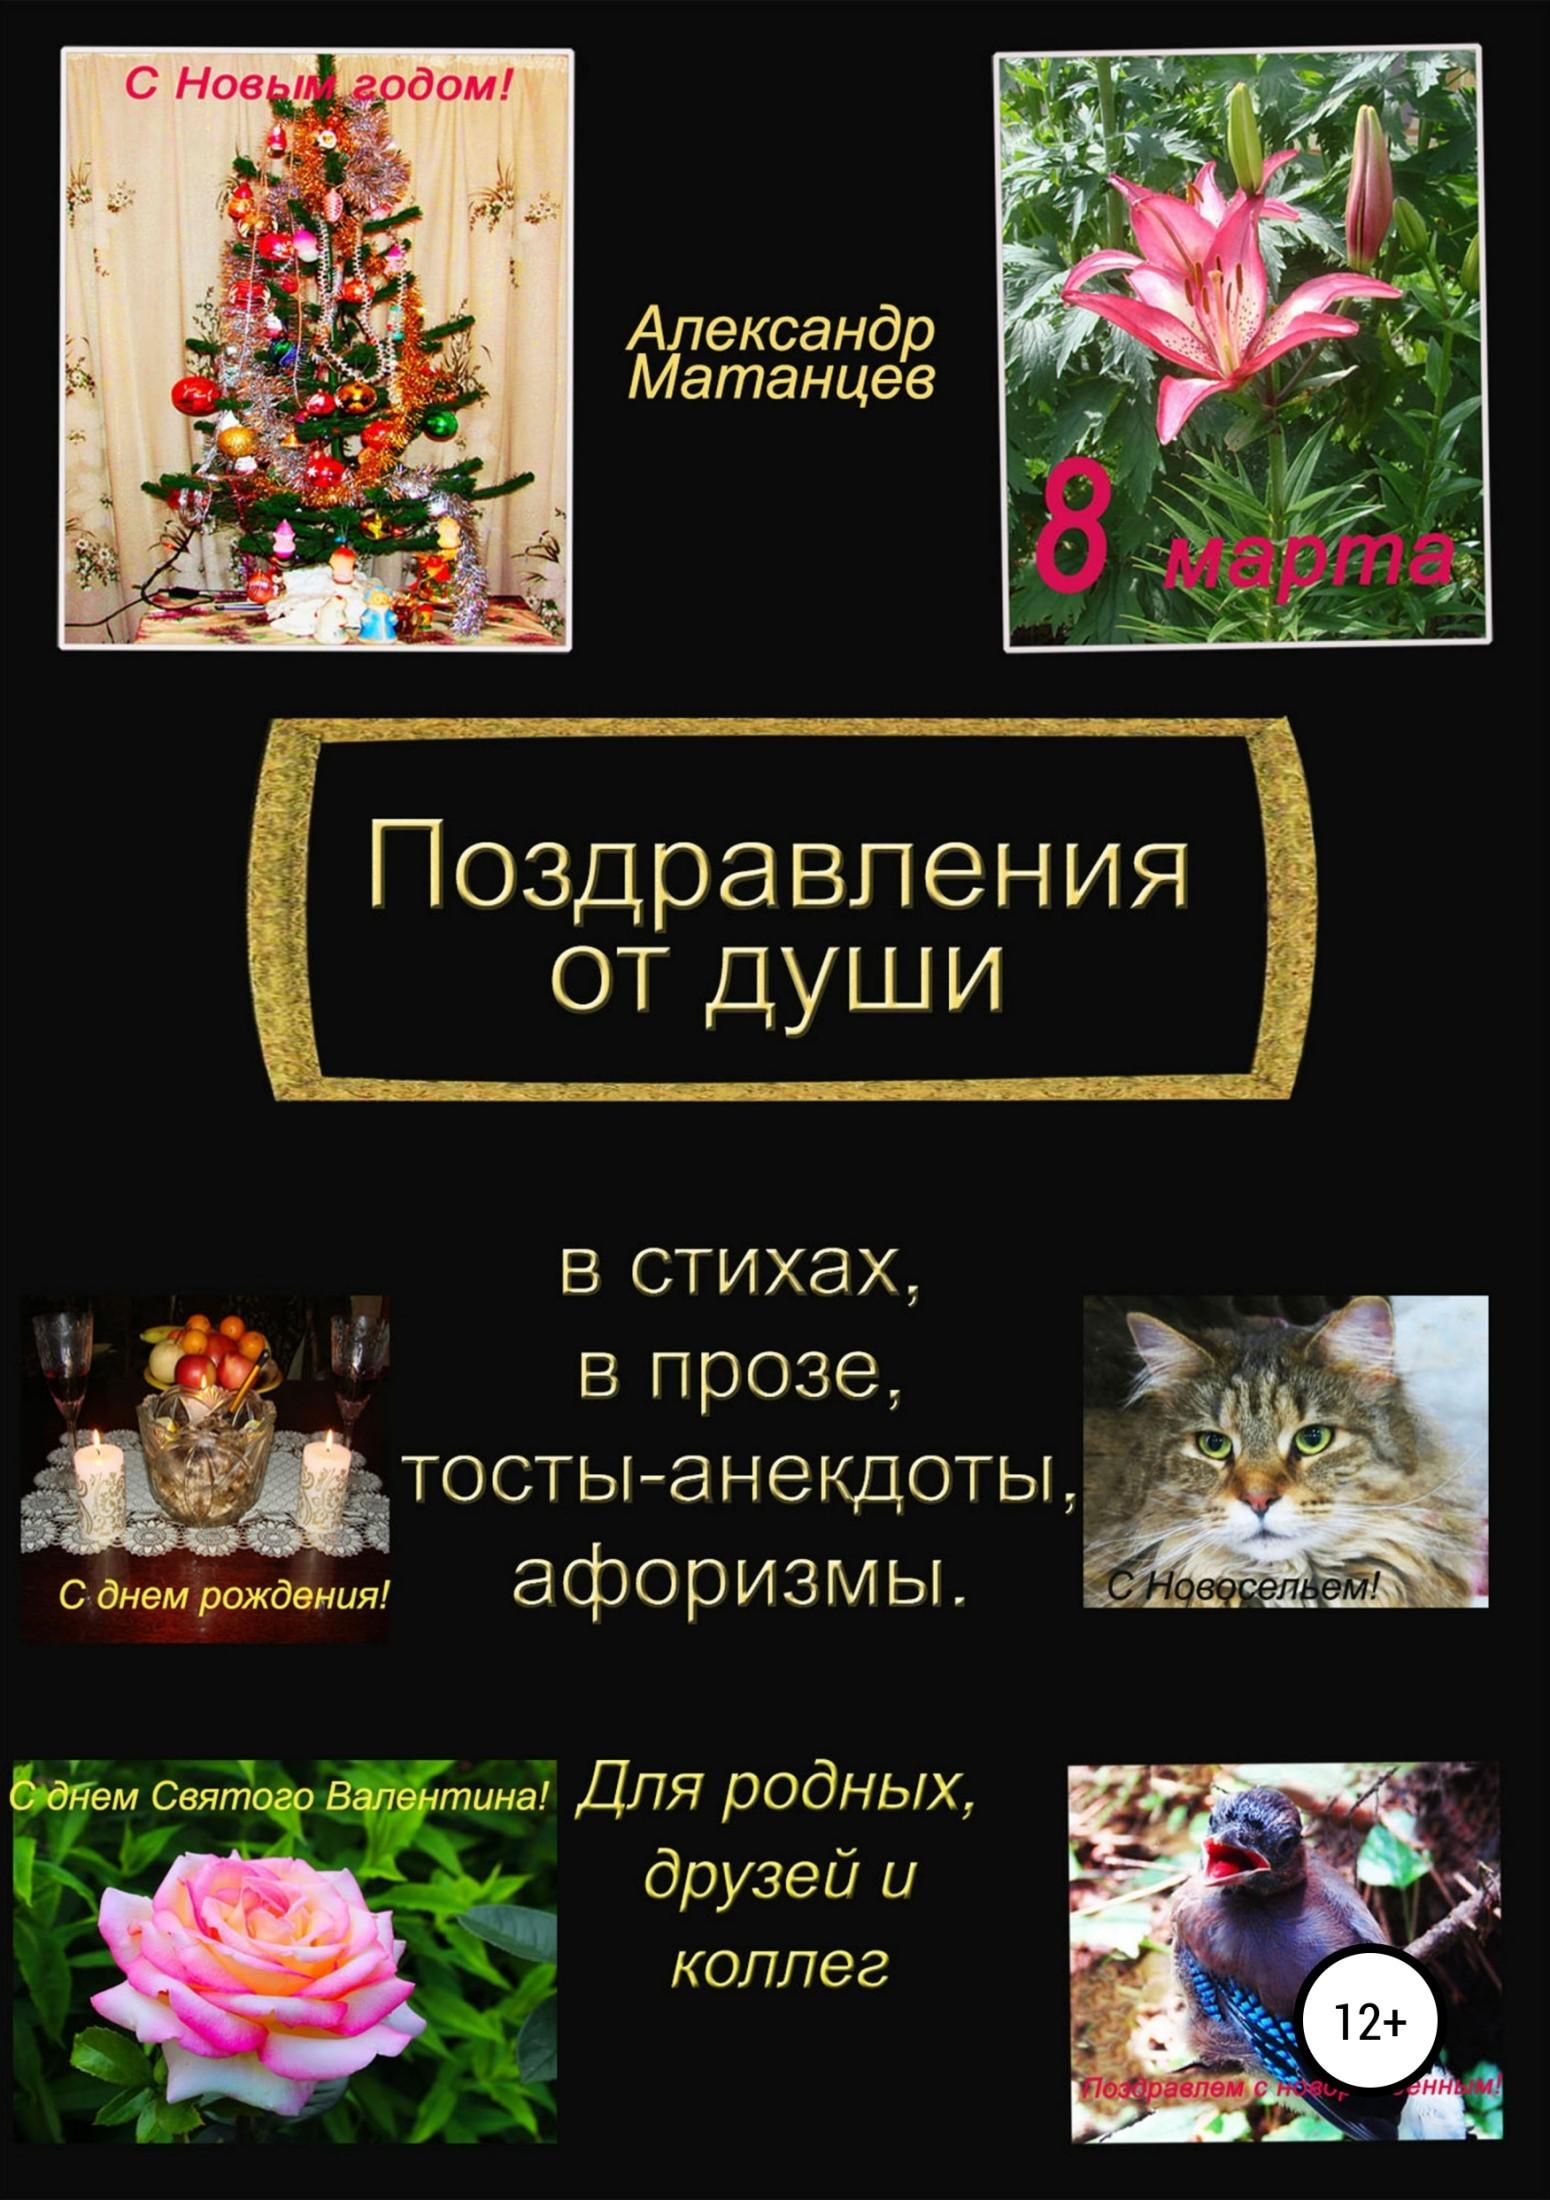 Александр Матанцев - Поздравления от души